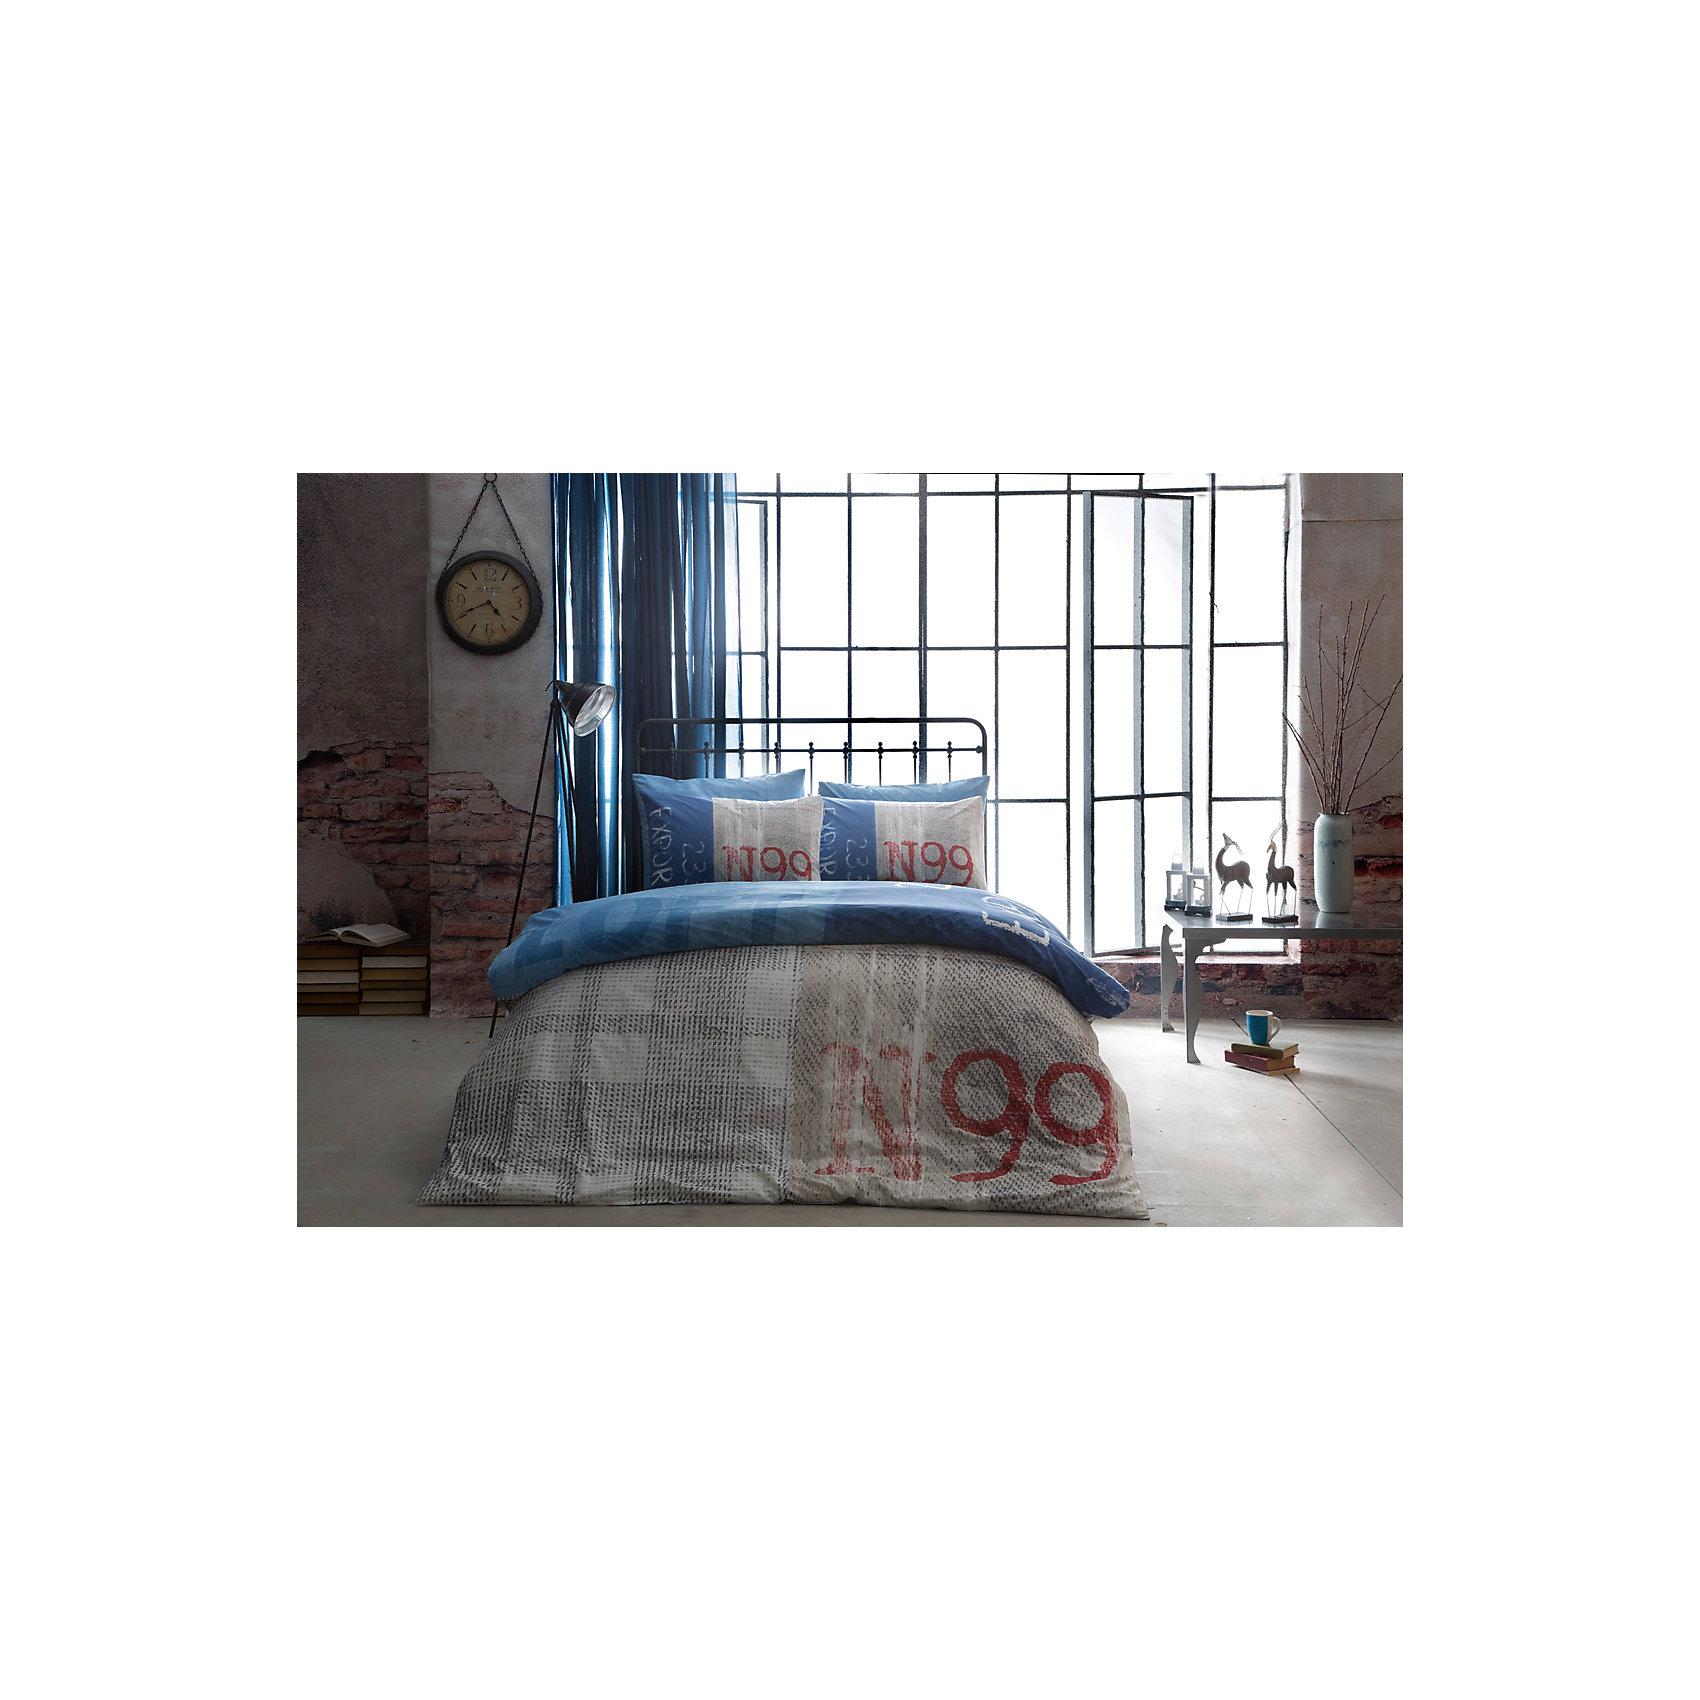 Постельное белье семейный Loft, Ranforce, TAC, синийДомашний текстиль<br>Характеристики товара: <br><br>• комплектация: пододеяльник 2шт.(160х220см), наволочка 2шт.(70х70см), простынь (240х260см);<br>• общий размер: семейный;<br>• материал: ранфорс (100% хлопок);<br>• цвет: синий;<br>• страна бренда: Турция;<br>• страна производитель: Турция.<br><br>Это постельное бельё от турецкого бренда TAC (ТАЧ) отлично впишется в интерьер. Несмотря на плотность ткани, она состоит из мельчайших волокон, что придаёт мягкость и воздушность изделию. Все материалы, которые входят в состав этого комплекта, гипоаллергенны и не вызывают неприятных ощущений. <br><br>Постельное бельё не боится воды, так как пропускает через себя около 20% влаги и выводит наружу, поэтому её очень легко сушить. Такие материалы не электризуются, а наоборот способствуют улучшению сна и хорошо пропускают воздух. <br><br>Такой комплект очень устойчив к частым стиркам, его рекомендуется стирать обычным порошком. Ткань отличается особой износоустойчивостью и прочностью.<br><br>Постельное белье Loft (Лофт) можно купить в нашем интернет-магазине.<br><br>Ширина мм: 270<br>Глубина мм: 80<br>Высота мм: 370<br>Вес г: 3500<br>Возраст от месяцев: 216<br>Возраст до месяцев: 1188<br>Пол: Унисекс<br>Возраст: Детский<br>SKU: 6849264